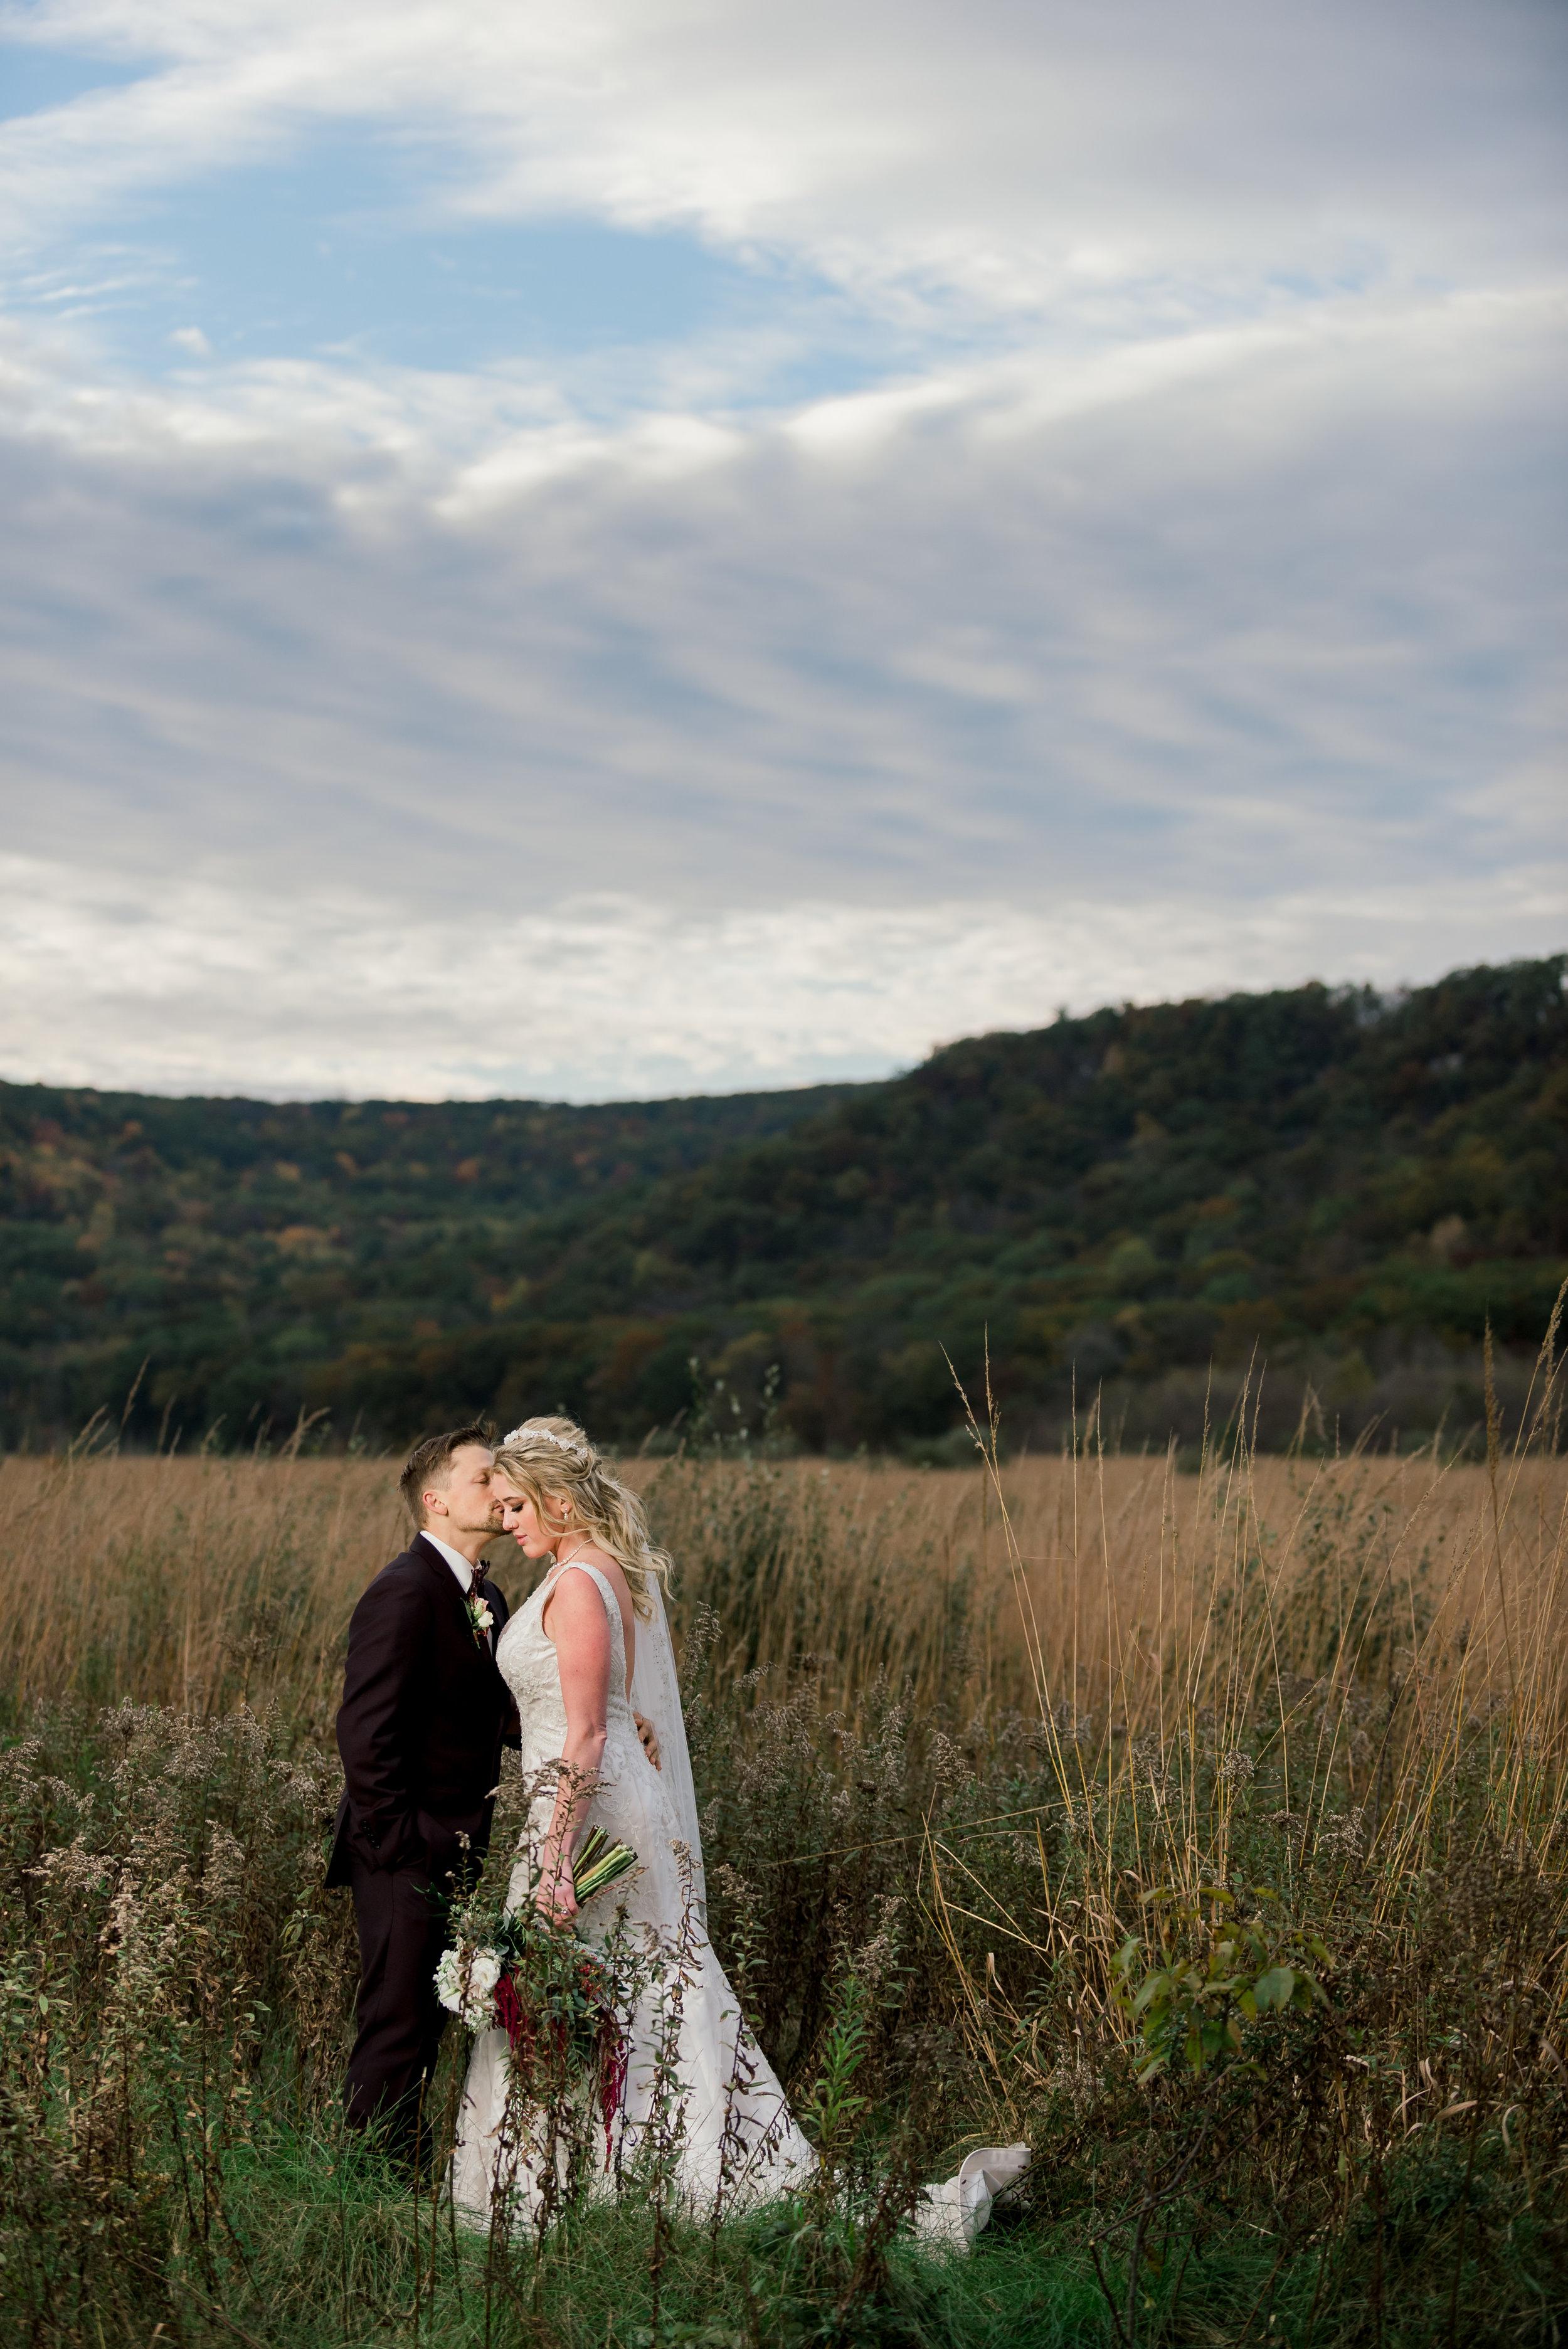 Devils-Head-Resort-Merrimac-WI-Wedding-Photos-Bride and Groom-30.jpg